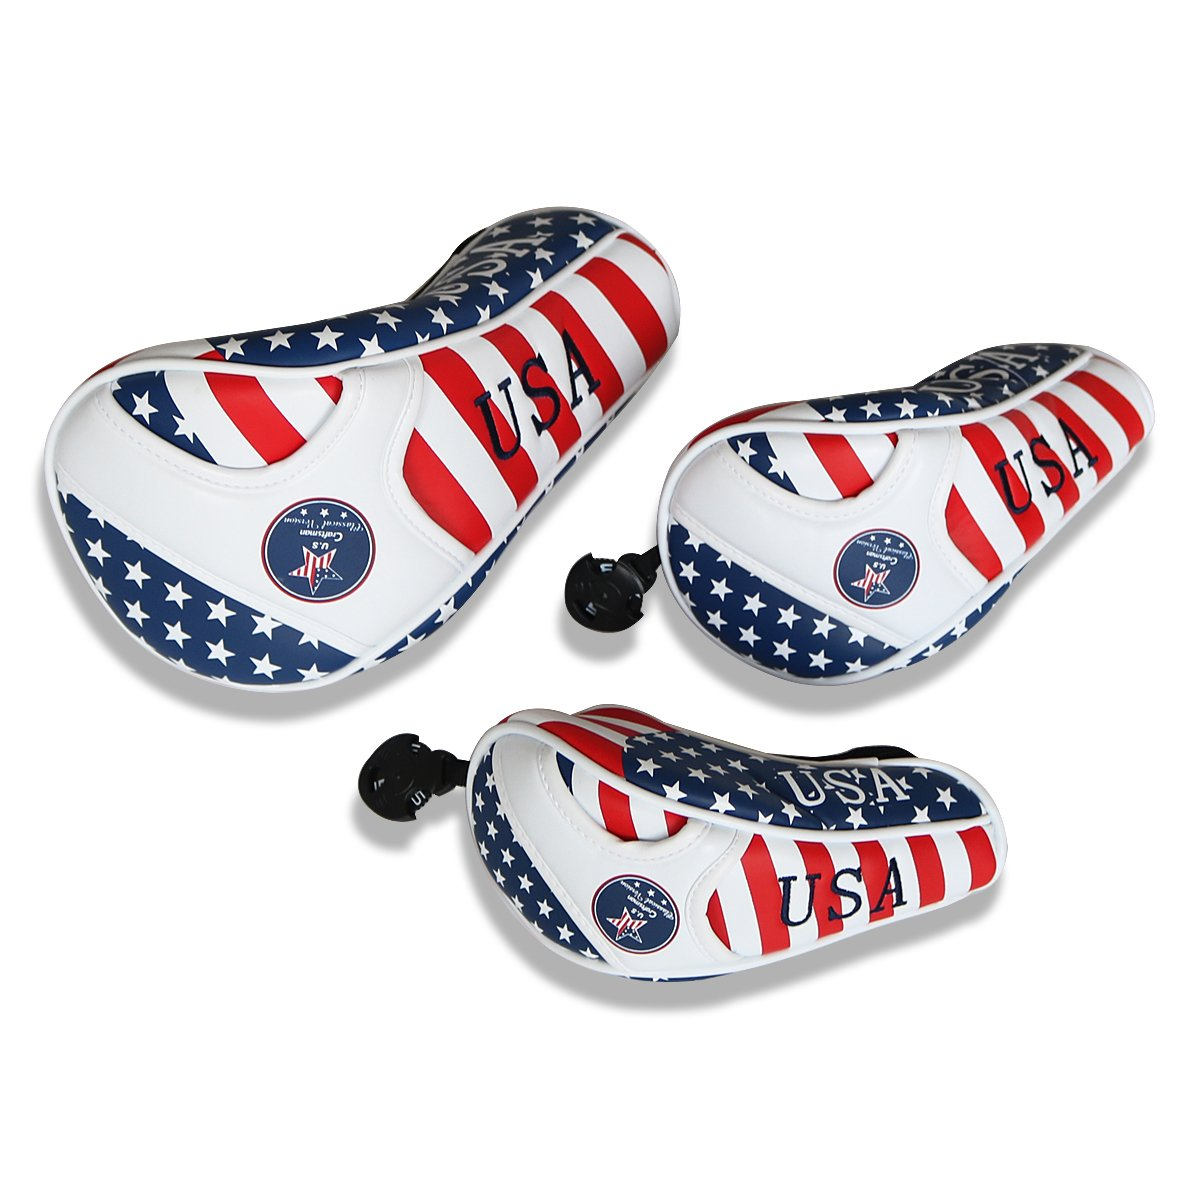 Craftsman Golf Stars and Stripes American USA US Flagヘッドカバーヘッドカバーfor Scotty Cameron Taylormade Odysseyフェアウェイウッド木製 B07845Q27Q  3点(D、F、F) ノーマル